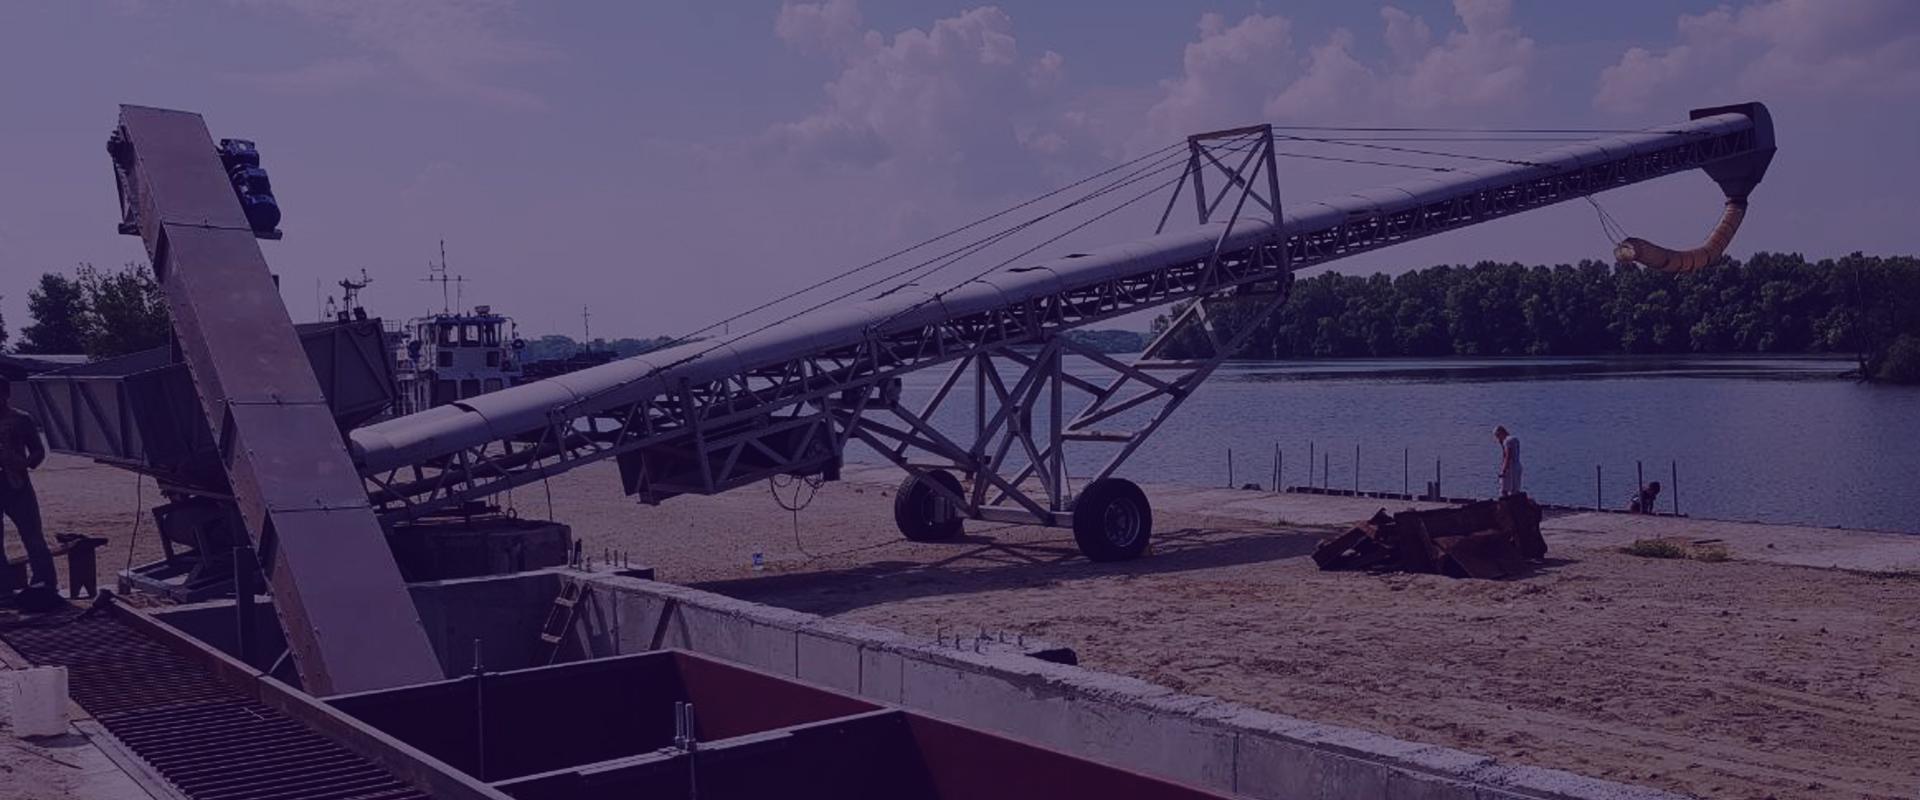 slide 444